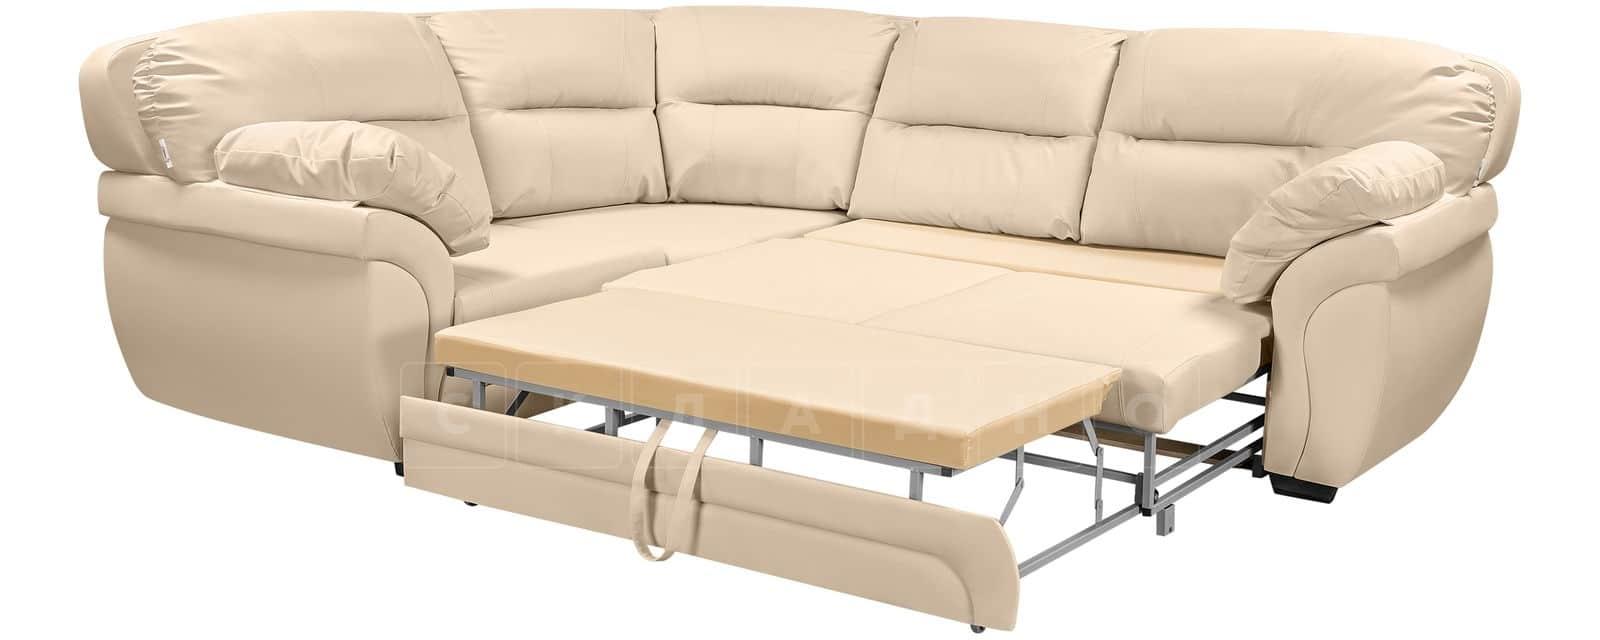 Диван угловой Бристоль кожаный бежевого цвета левый угол фото 4   интернет-магазин Складно